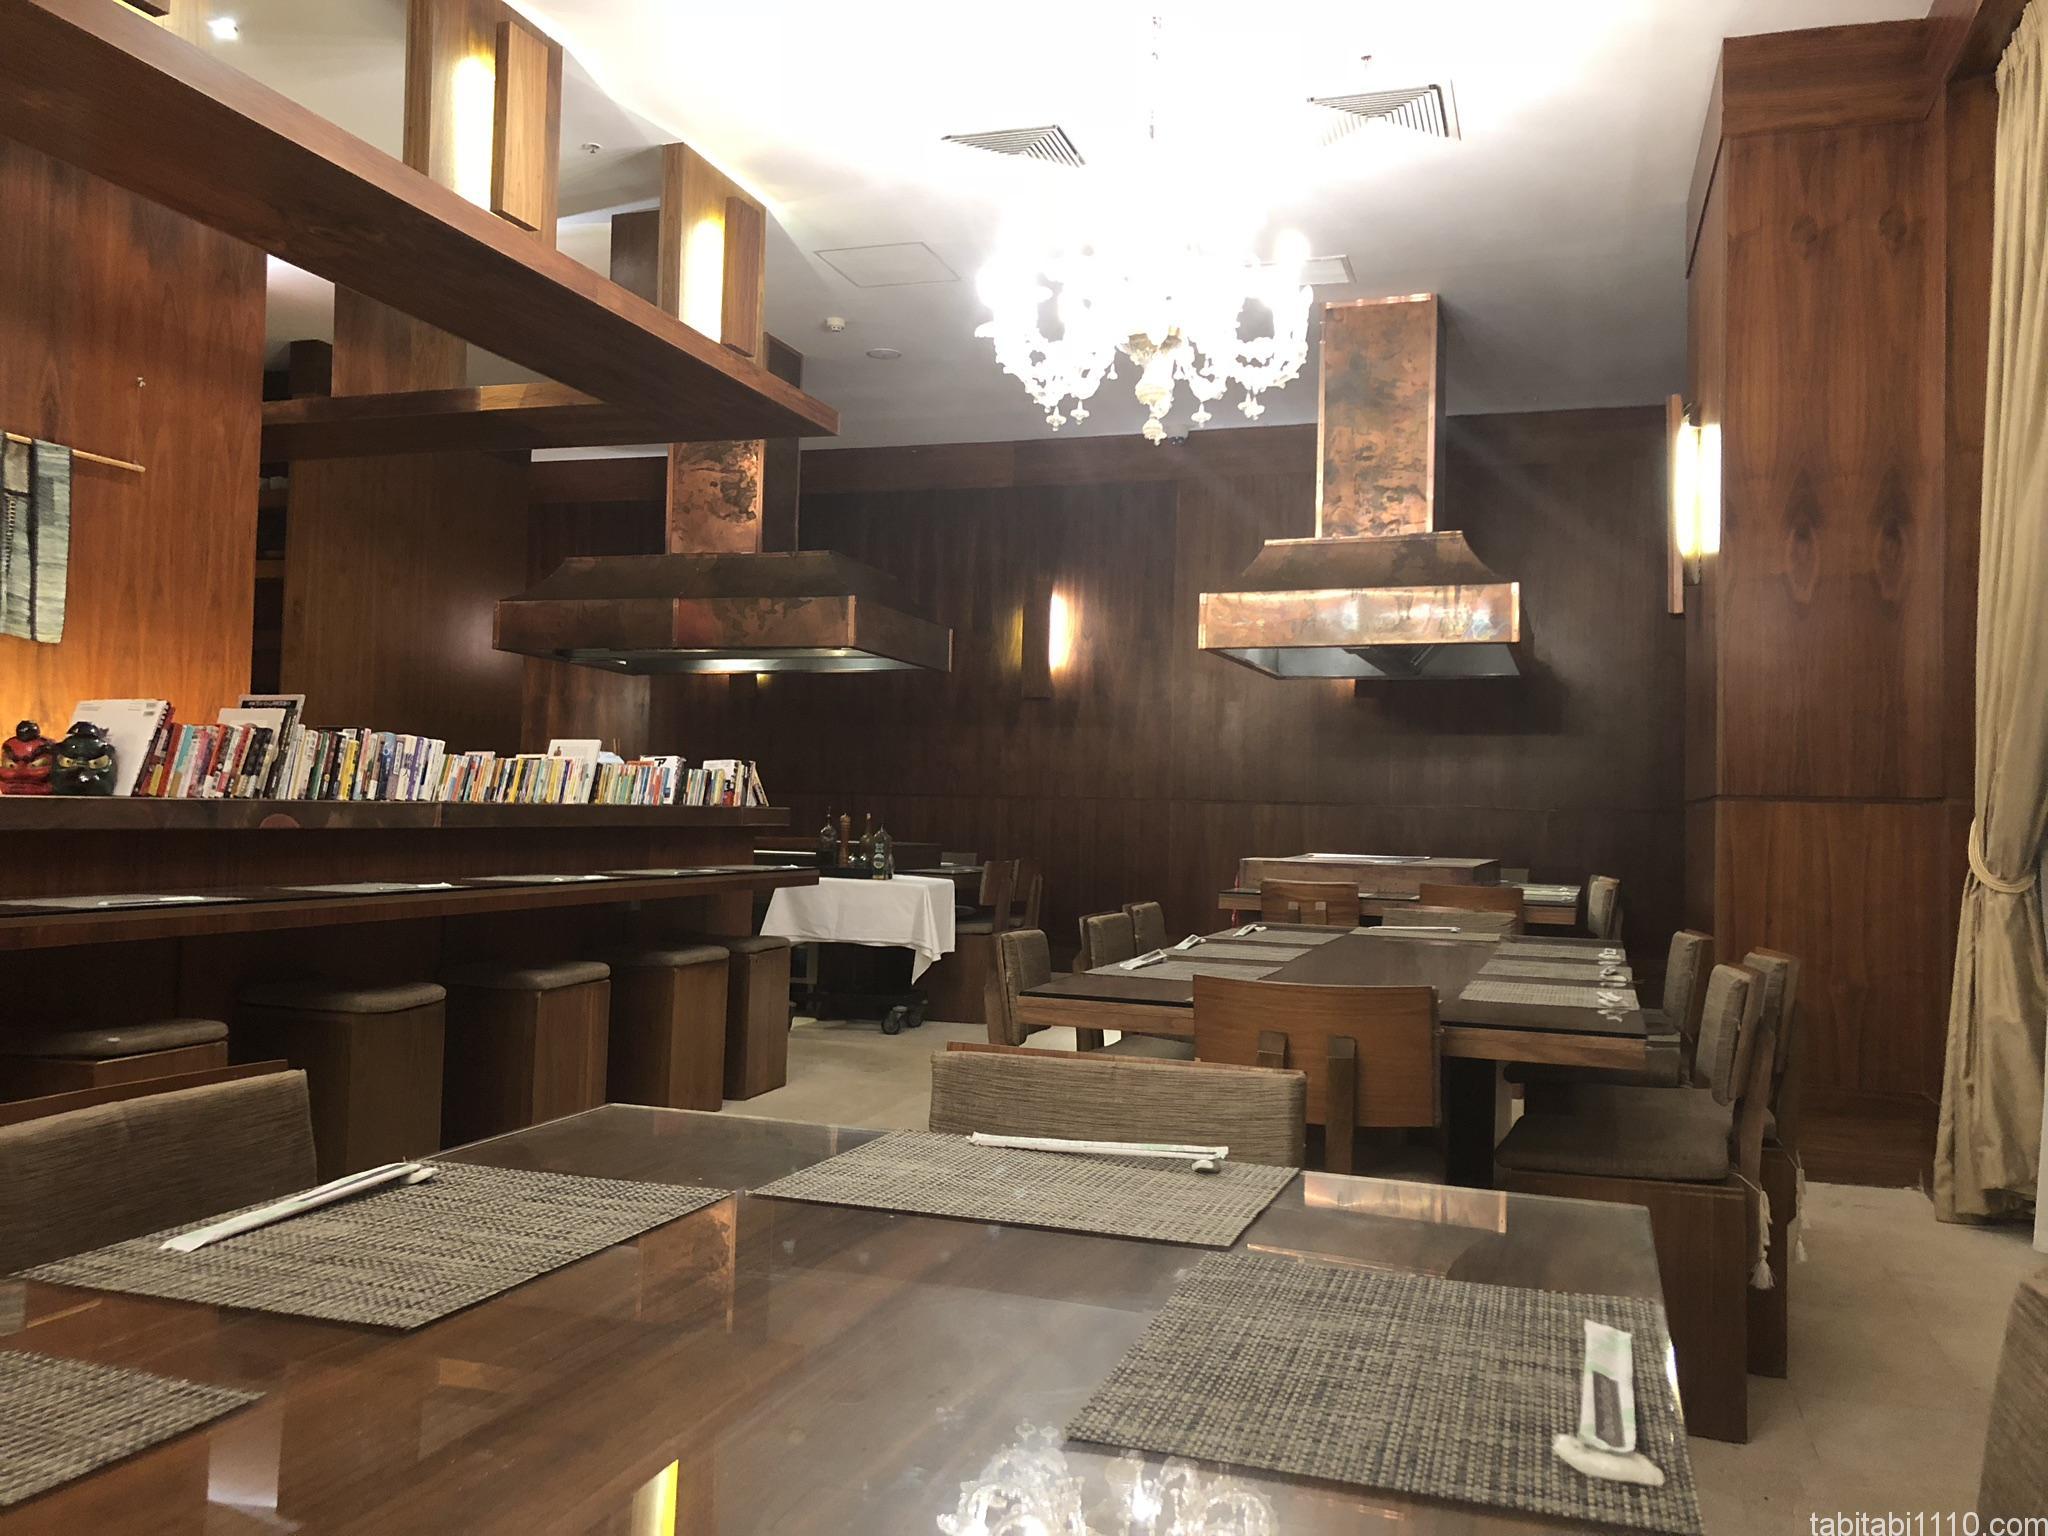 バクーの日本料理店『瀬戸』